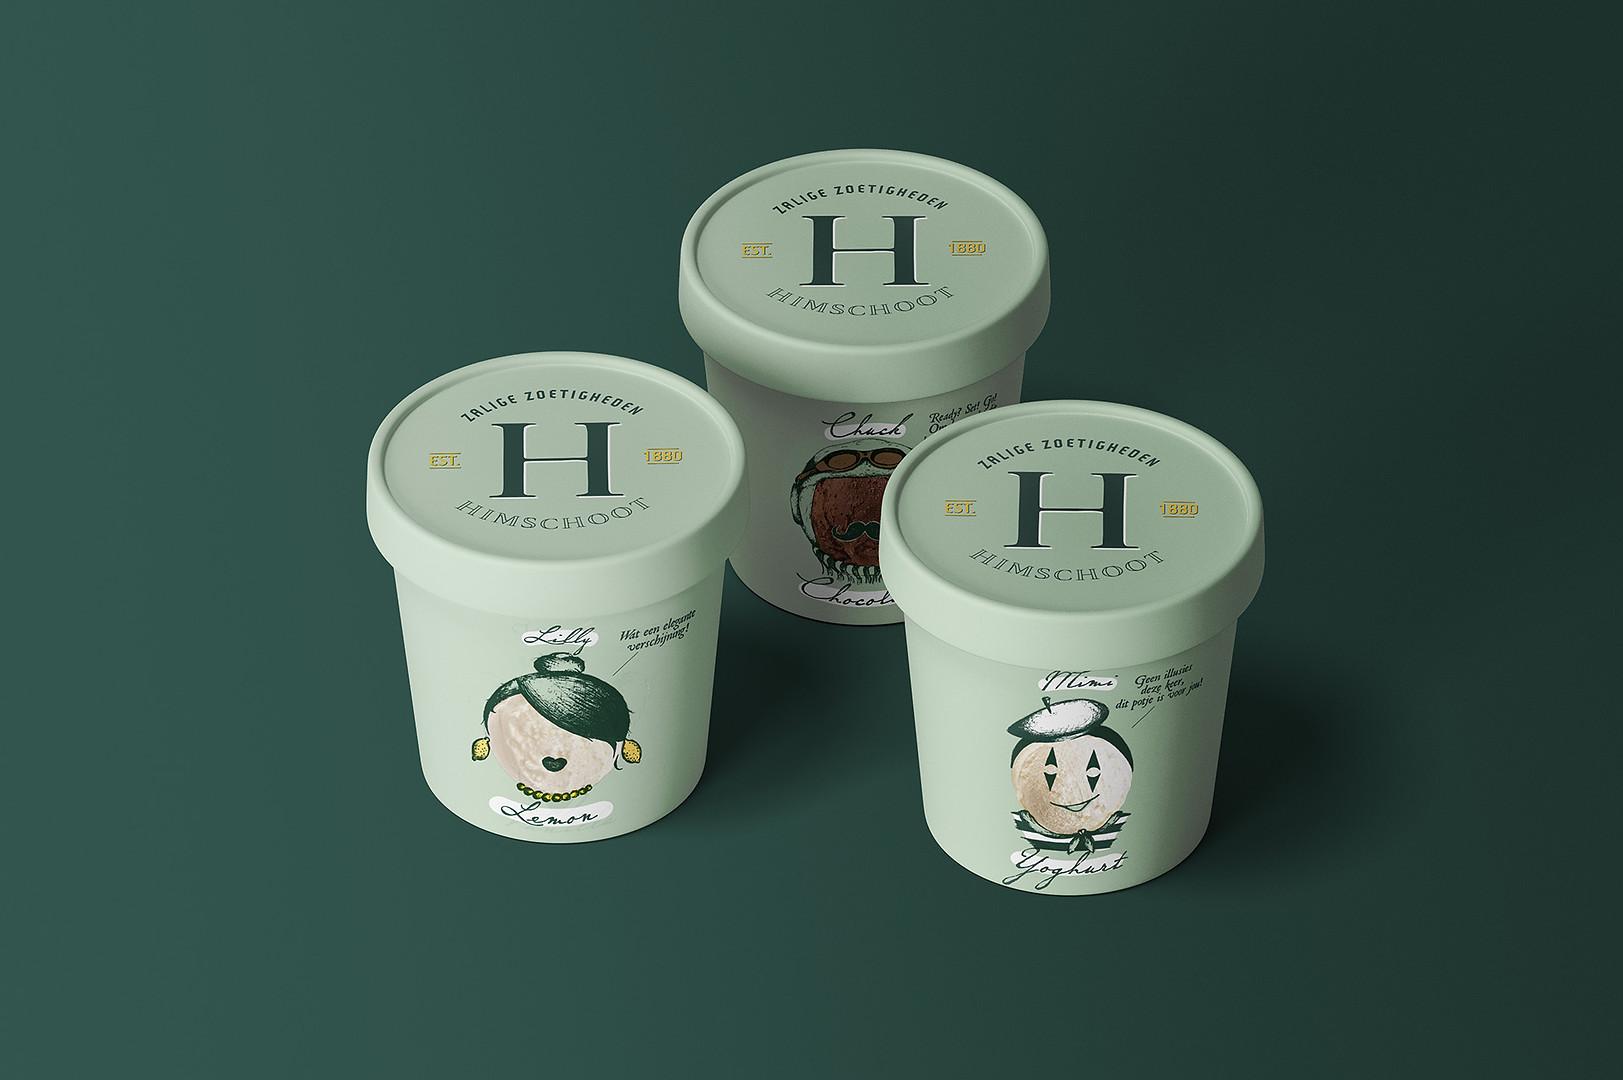 himschoot 3 Ice Cream Cups.jpg